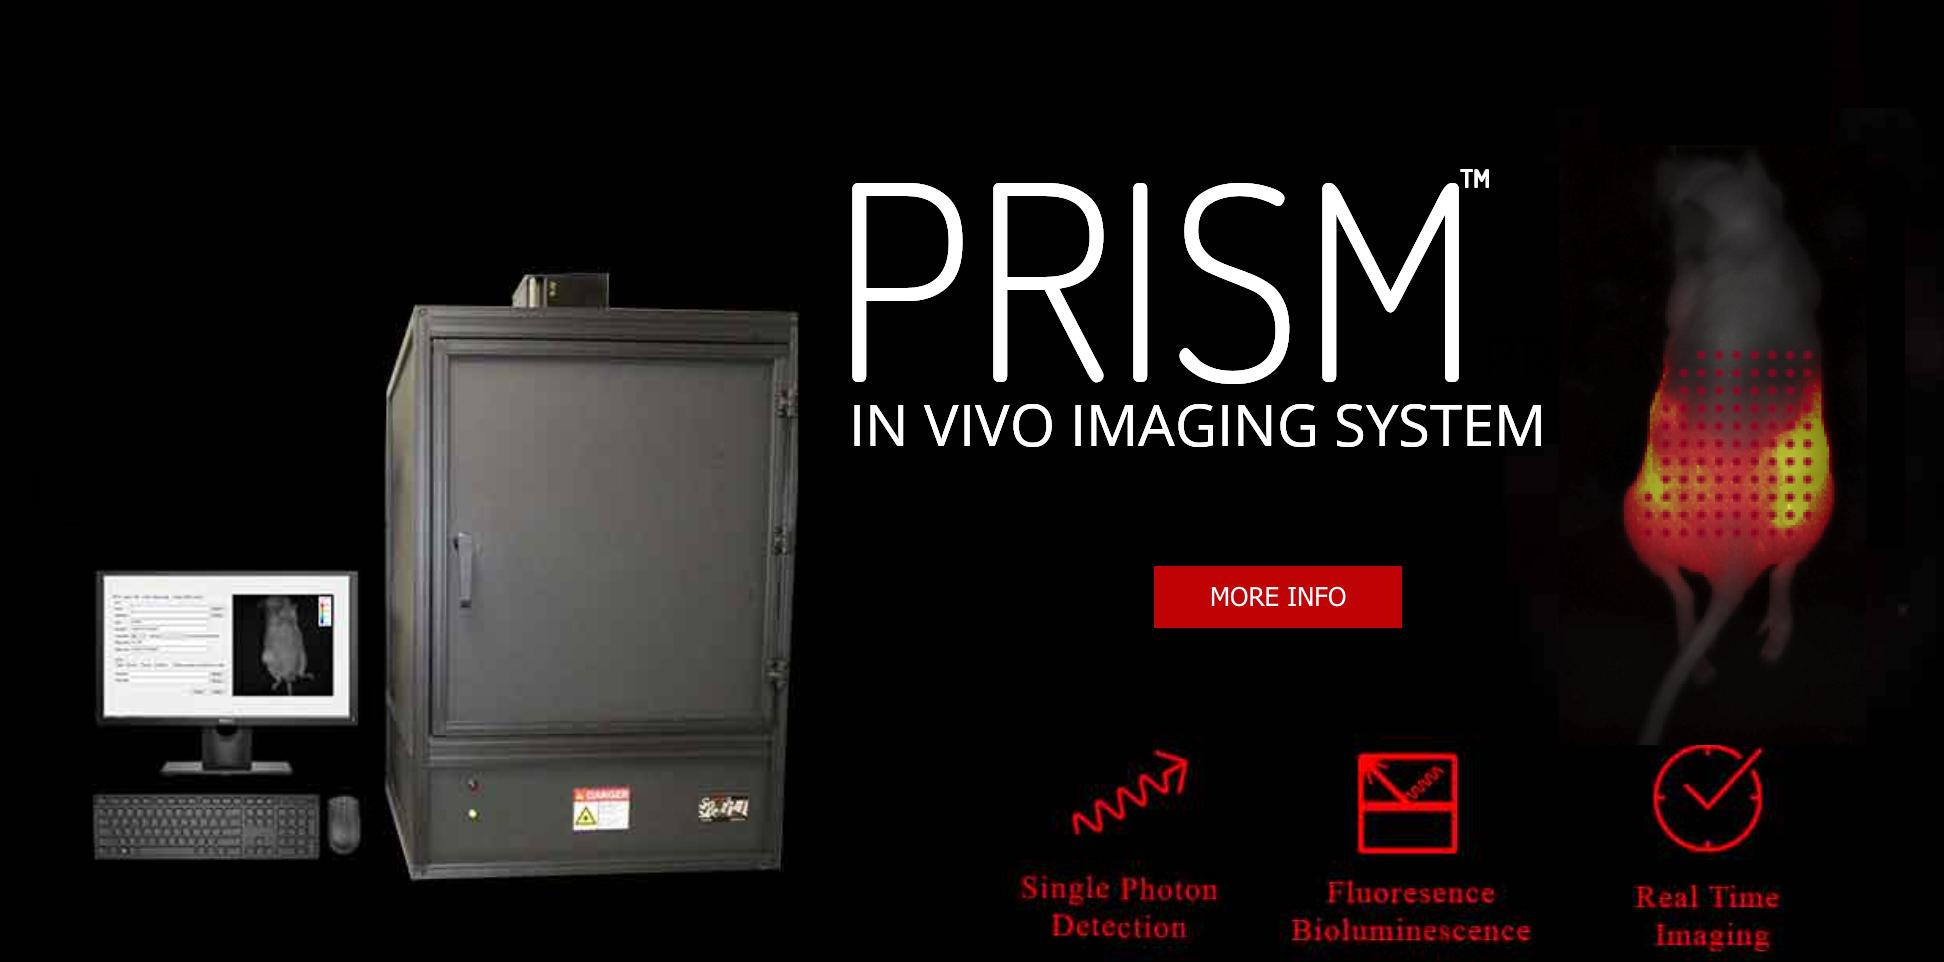 PRISM IN VIVO IMAGING